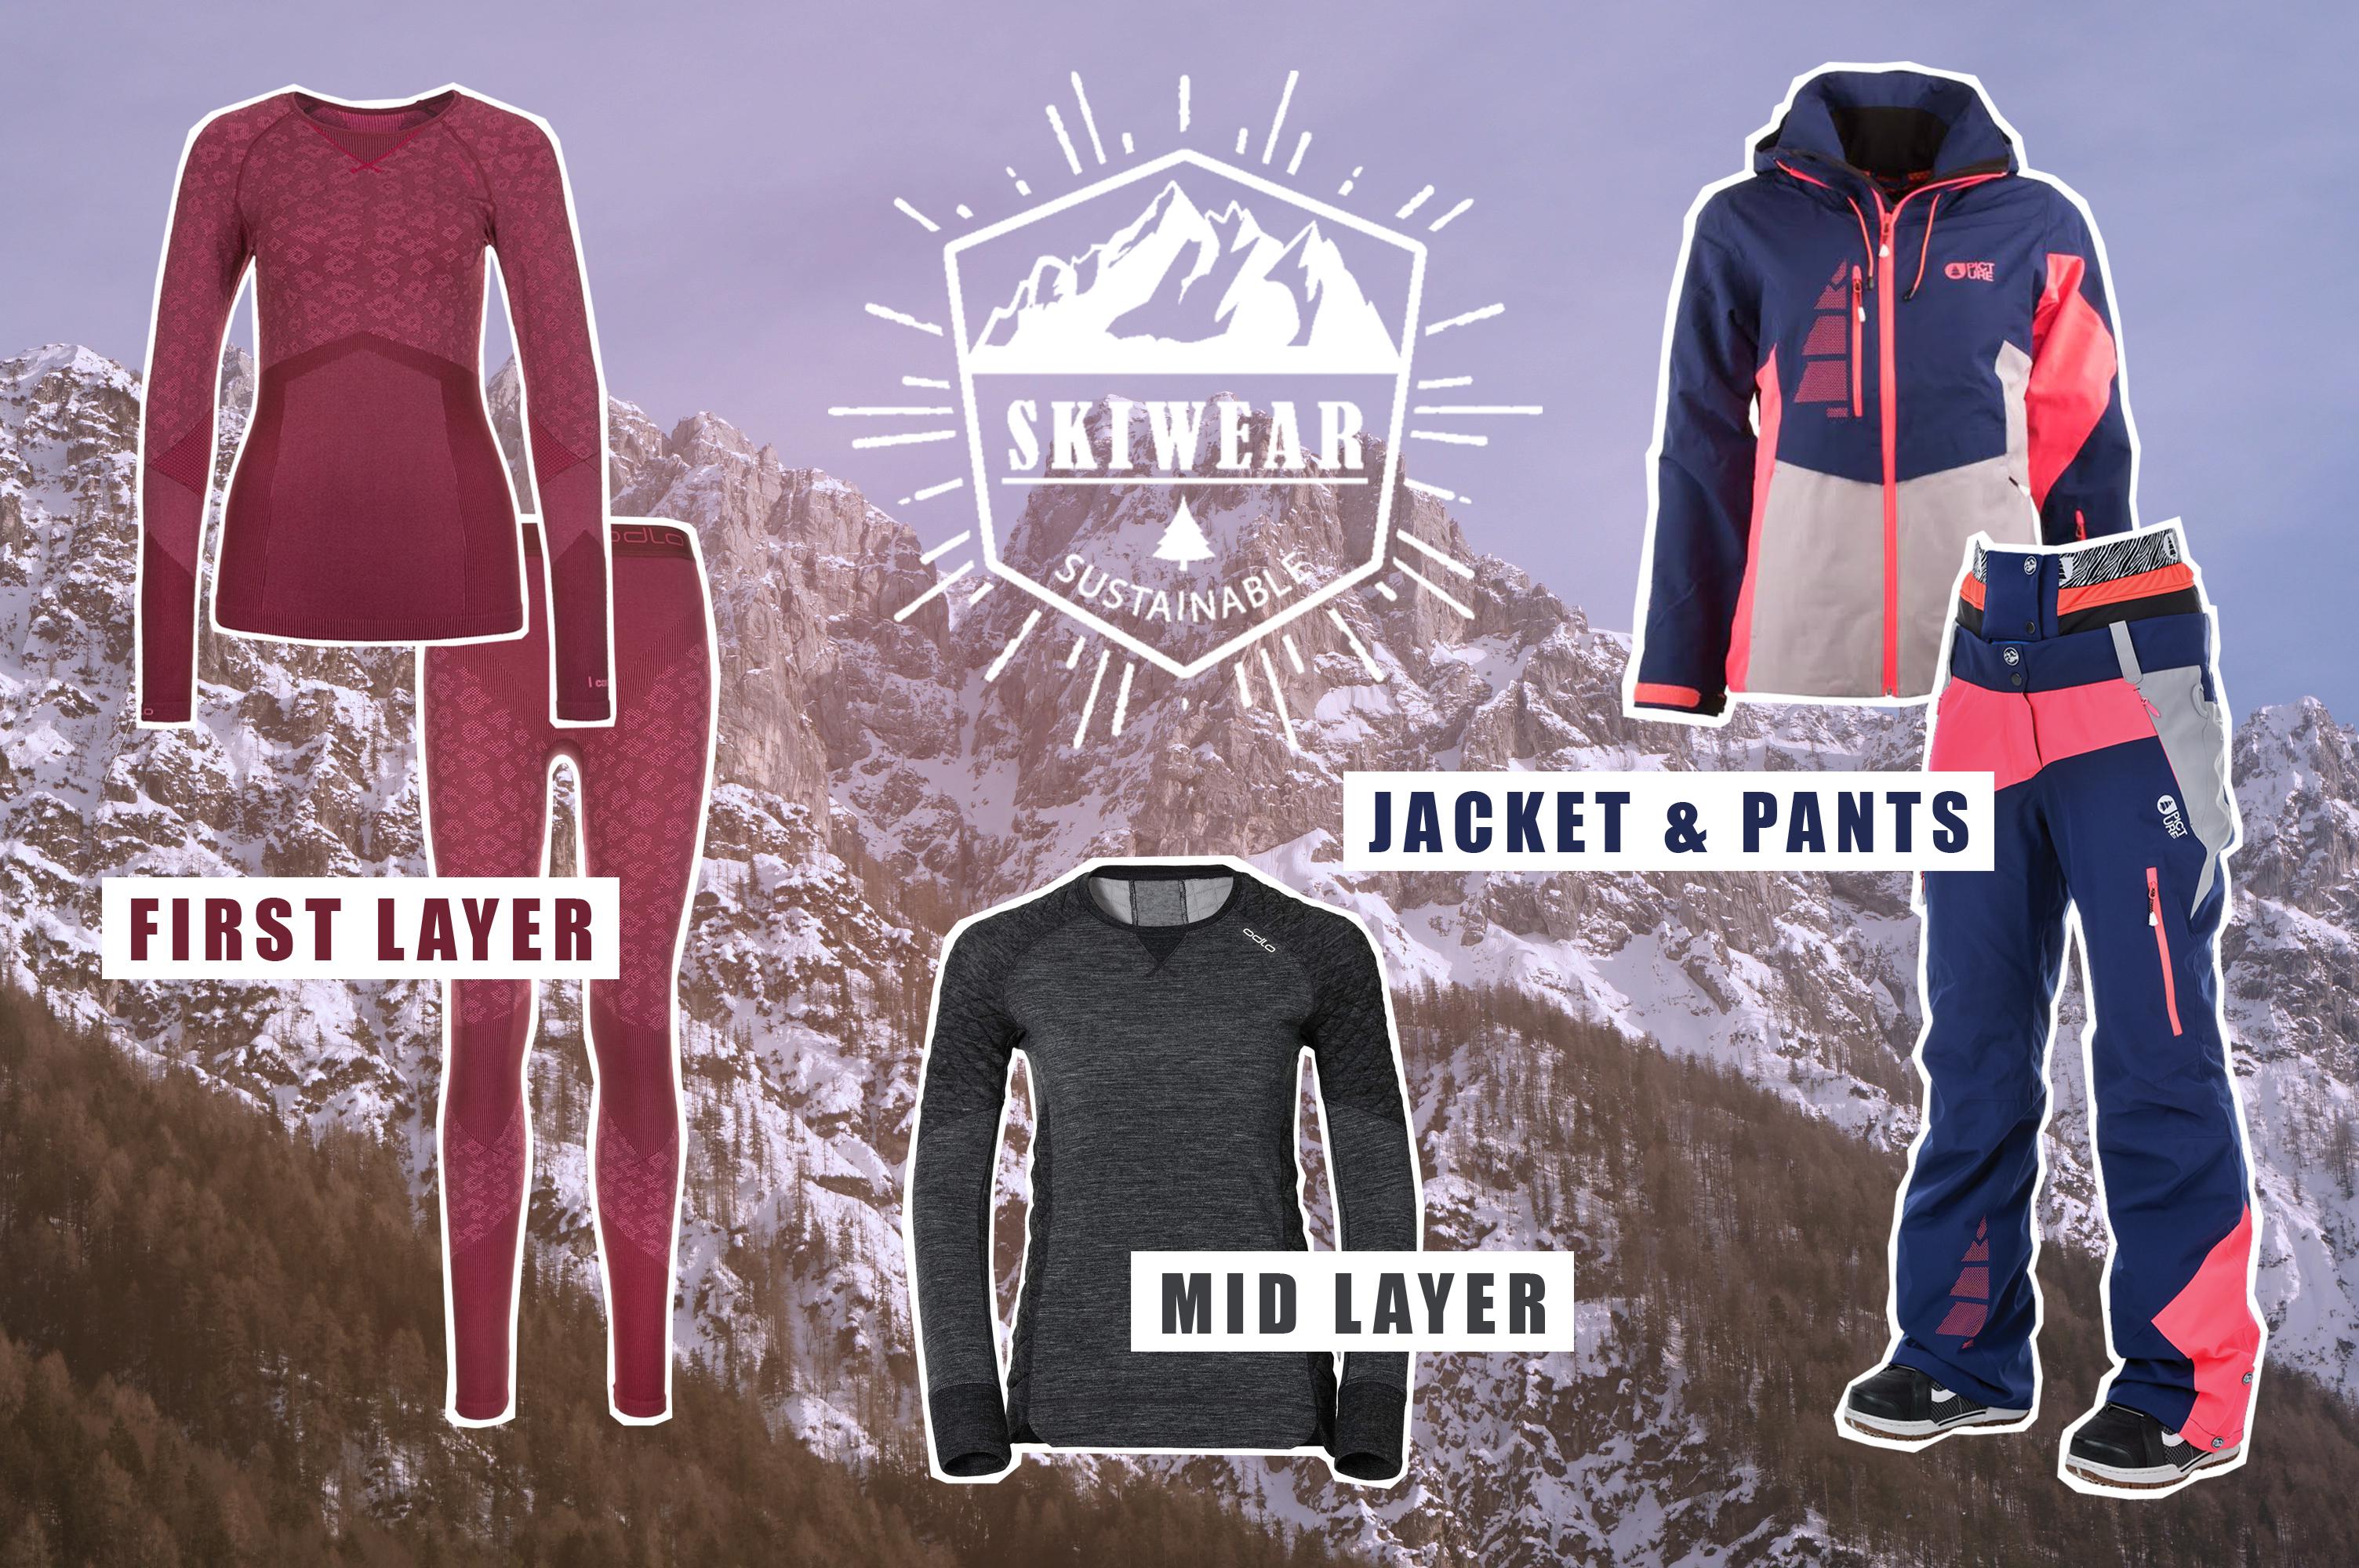 nachhaltige-ski-bekleidung-snowboard-gear-sustainable